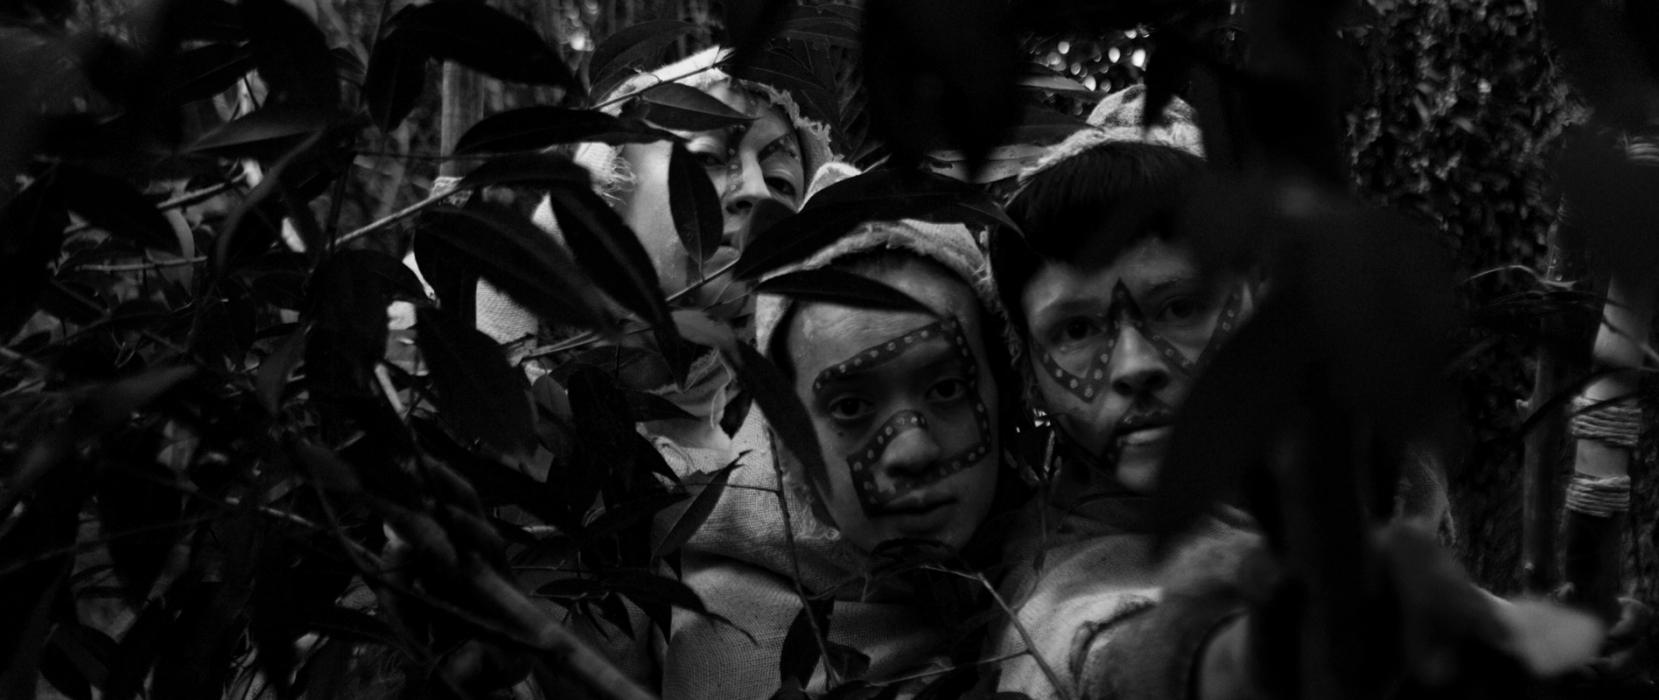 http://santiagoforero.com/files/gimgs/th-44_santiago-forero-hombre-dorado-still-03.jpg